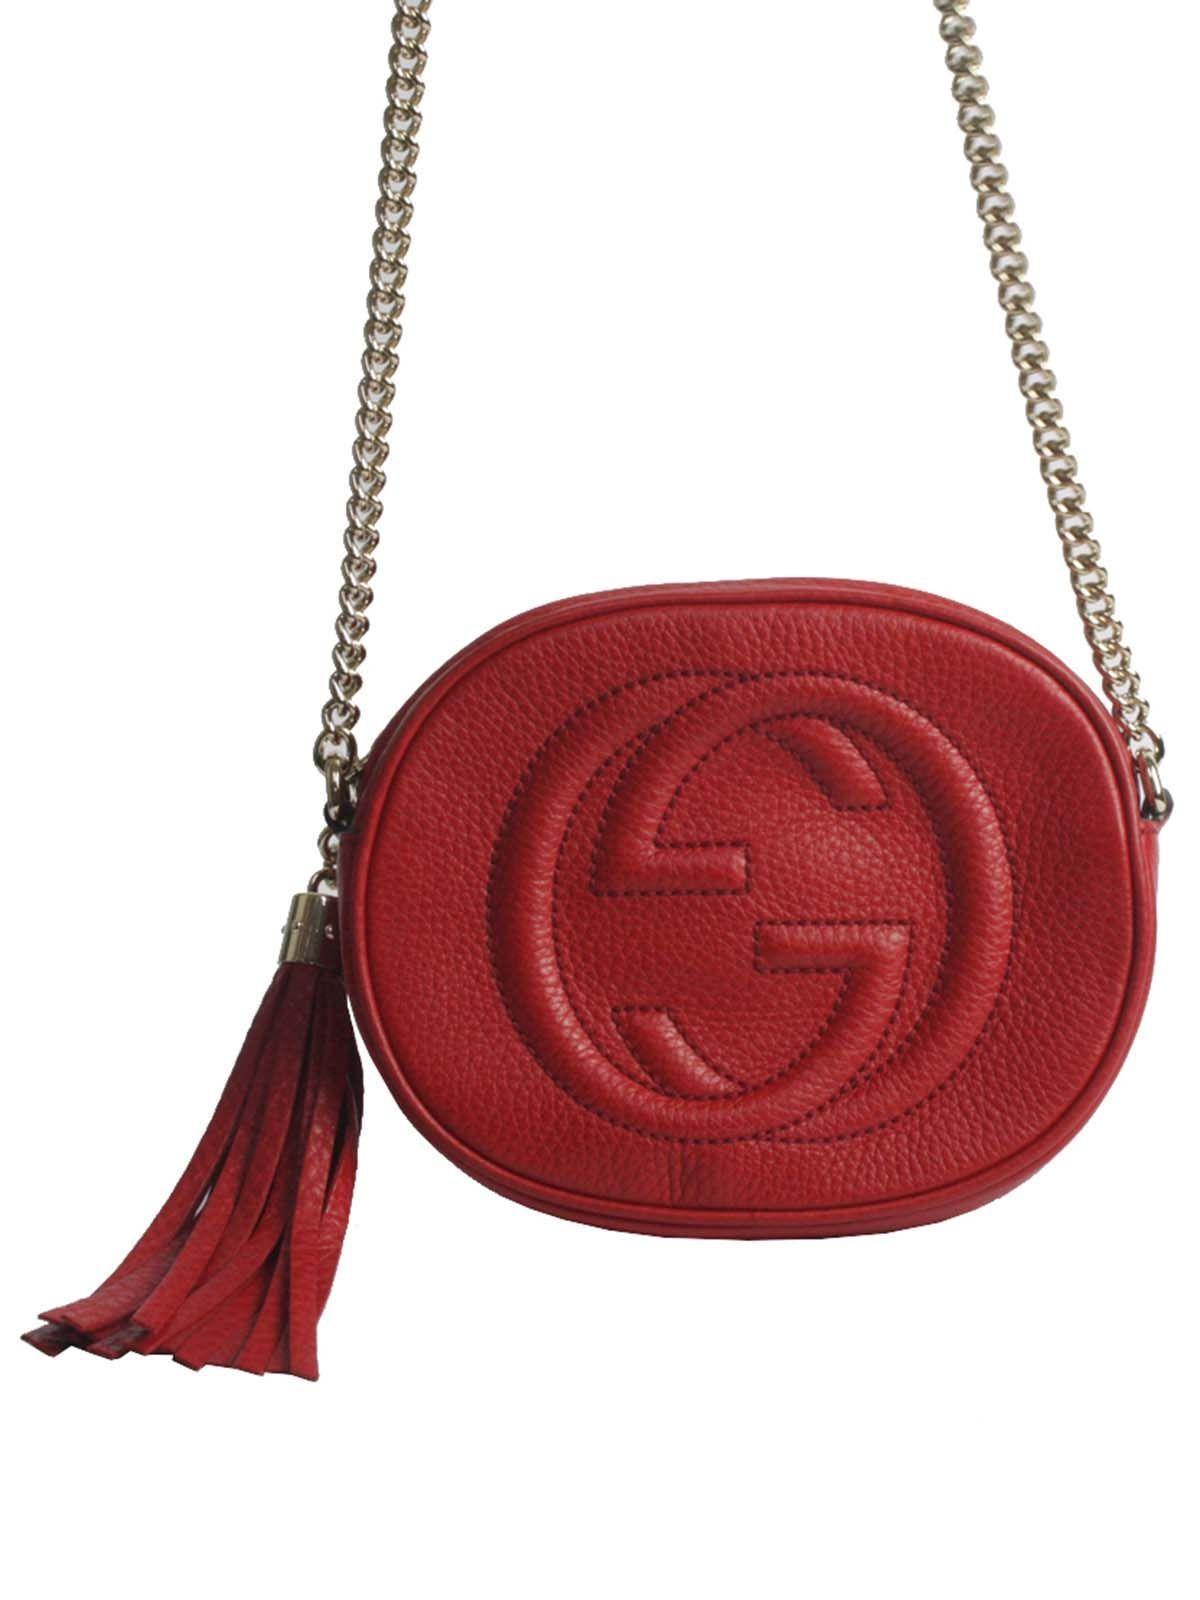 07507f012 Bolsa da marca italiana Gucci, confeccionada em couro vermelho e ferragens  e corrente em dourado. A bolsa encontra-se em perfeito estado de  conservação.